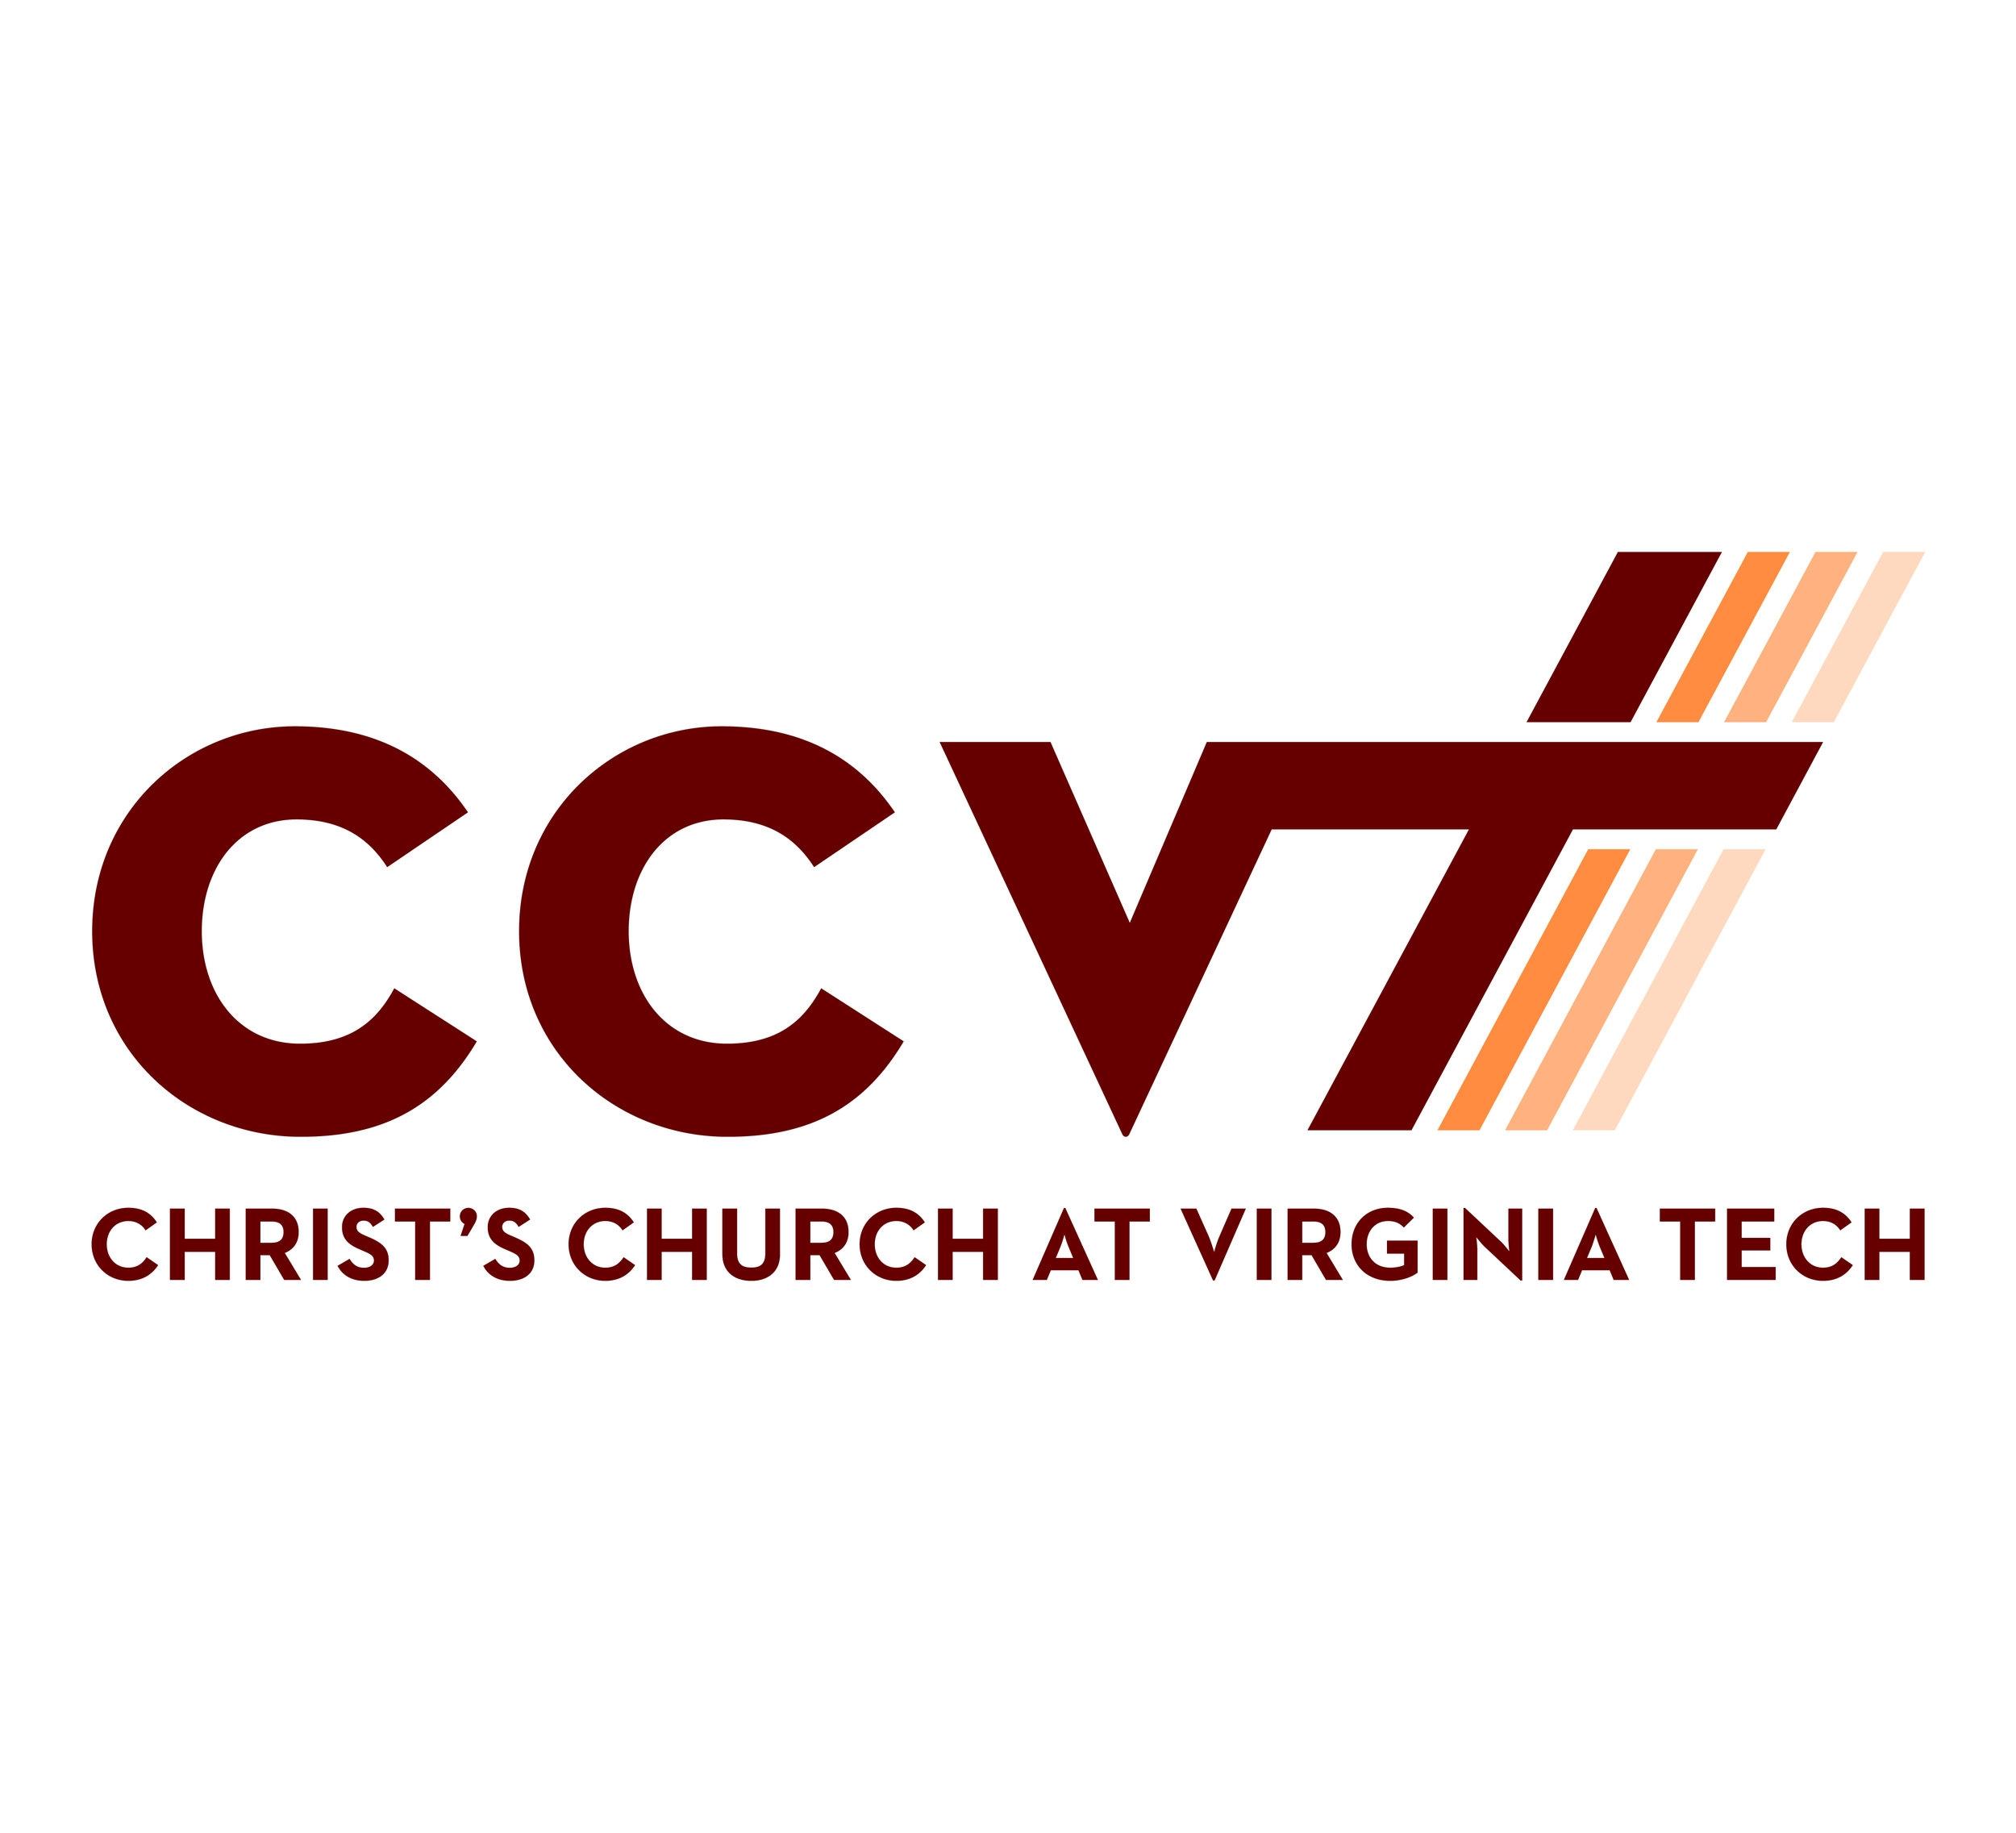 ccvt logo front.jpg